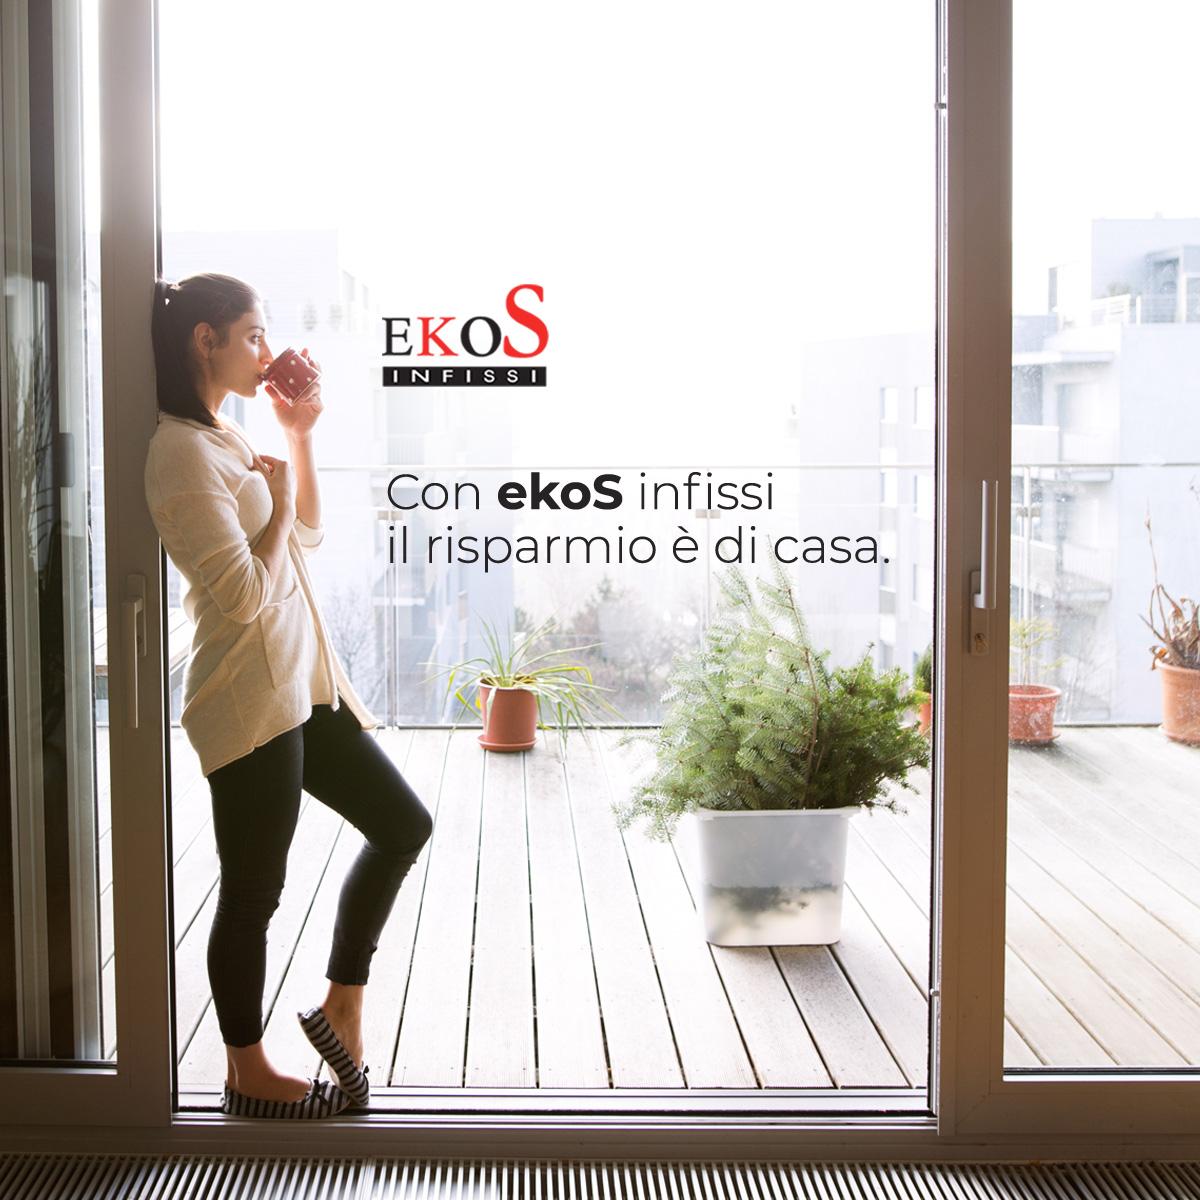 Con Ekos infissi il risparmio è di casa!